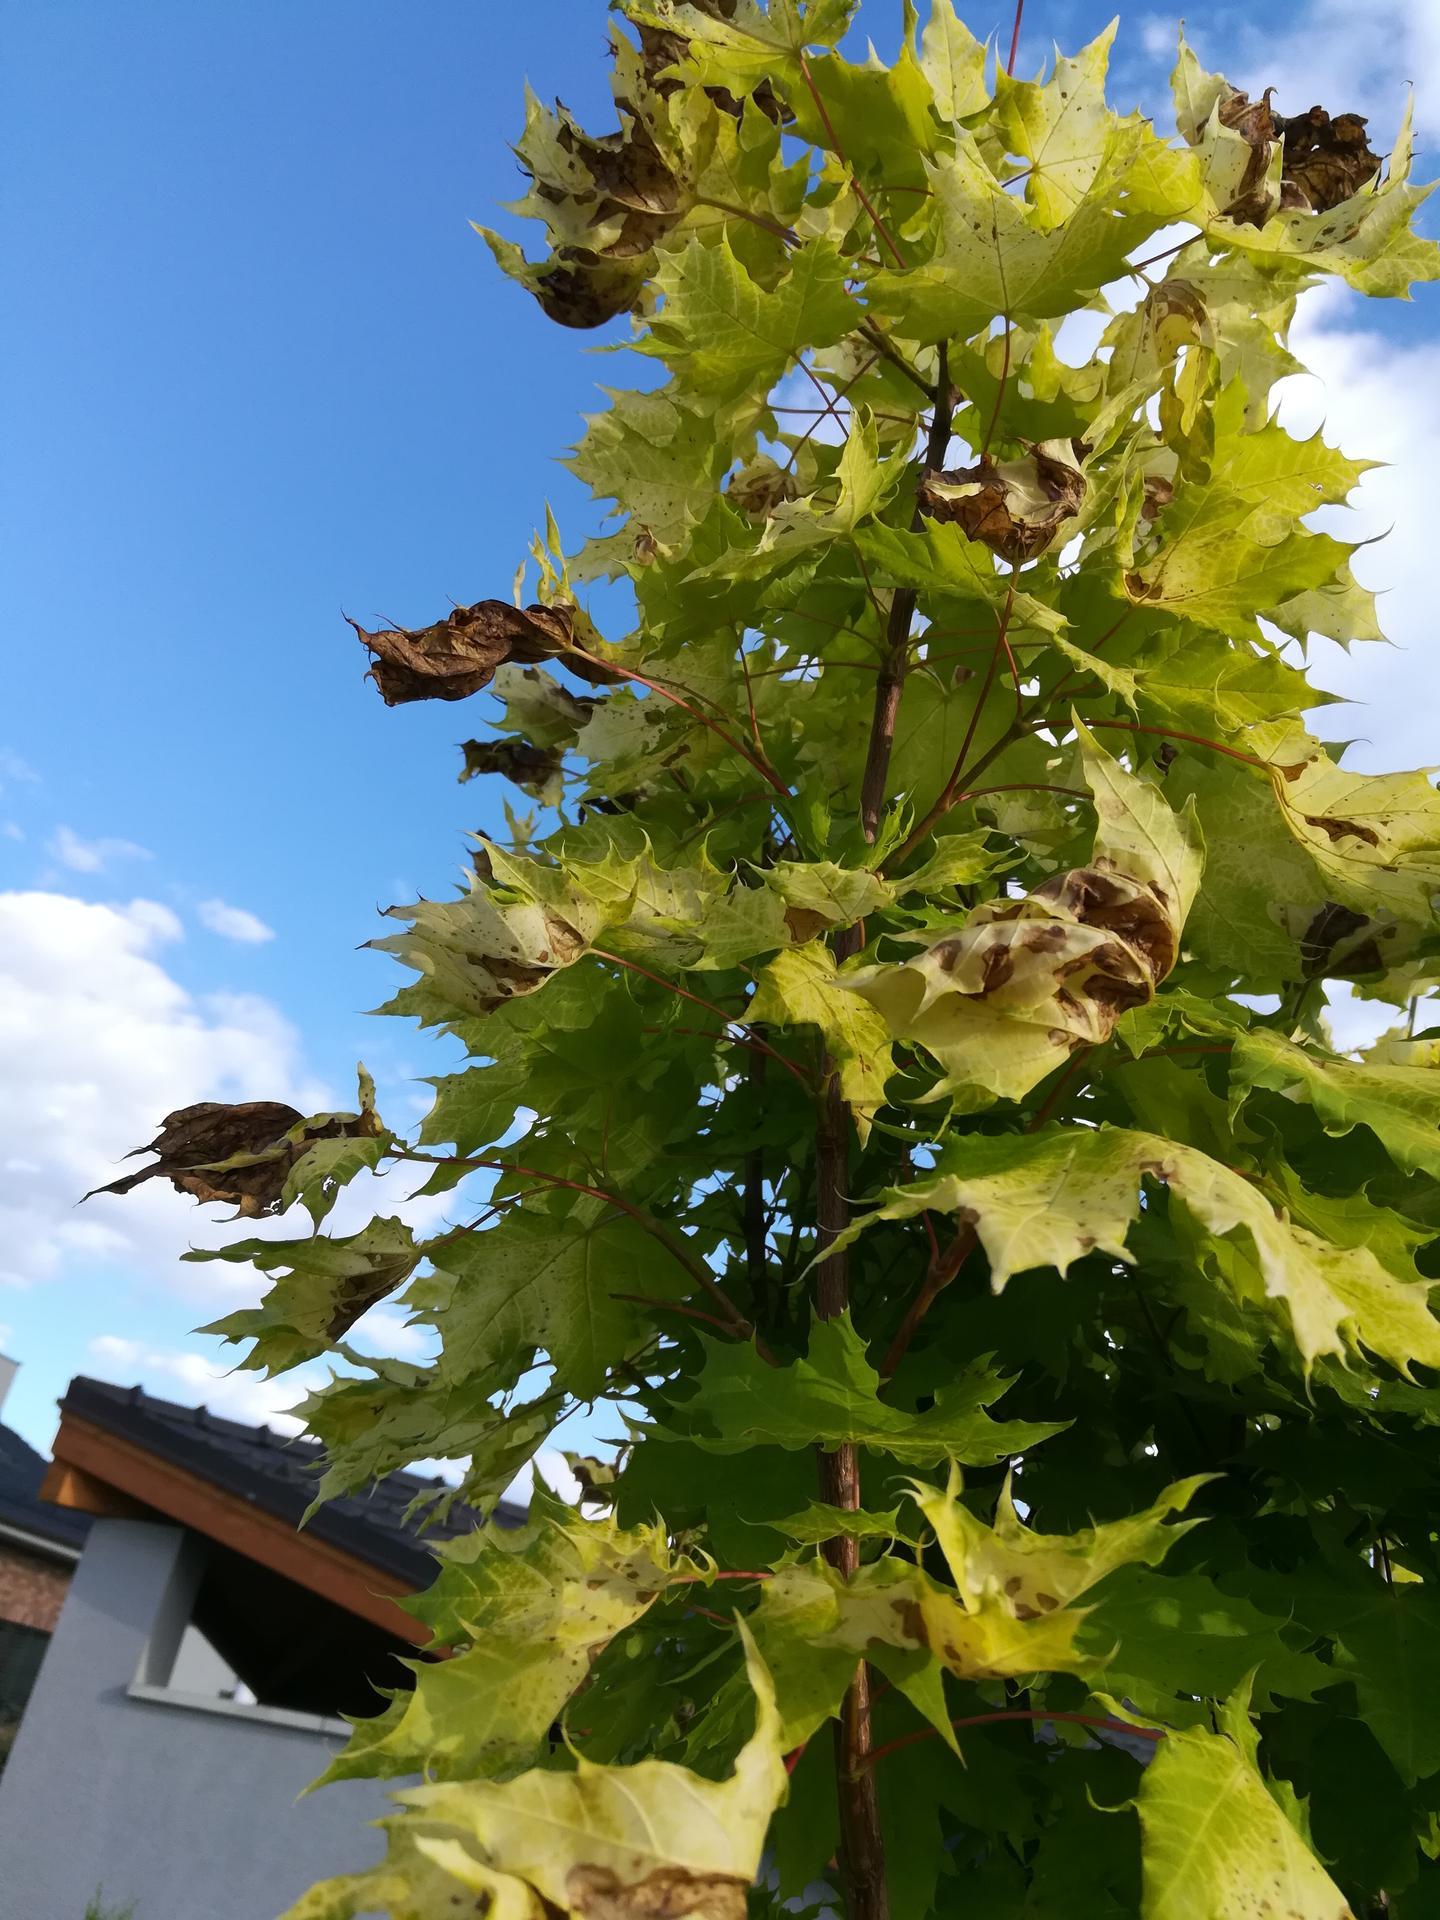 Měla bych dotaz na ty, co mají na zahradě strom Javor Golden Globe. Před 14 dny jsme si ho koupili v zahradnictví, krásně zelený. Do týdne mu listy zhnědly a zkroutily se (pořád v původním květináči). Byli jsme ho reklamovat a prý jsou listy spálené od sluníčka, prý to tak tento strom má každý rok. Prý na něj nesmí svítit slunce. Přitom tu chvíli, co jsme ho měli doma, moc slunce nebylo, spíše pršelo. Dodavatelé ho prý drží ve stínu do chvíle prodeje, aby nebylo poznat, že to tento strom dělá. Kdo ho máte - opravdu má každý rok listy takto hnědé? Opravdu jde o spálení sluníčkem? Podle popisu by měl být velmi nenáročný a zvládnout vše. Nevím, jestli se v zahradnictví jen vymlouvají, aby nemuseli uznat reklamaci, nebo jestli to tak opravdu je. - Obrázek č. 1